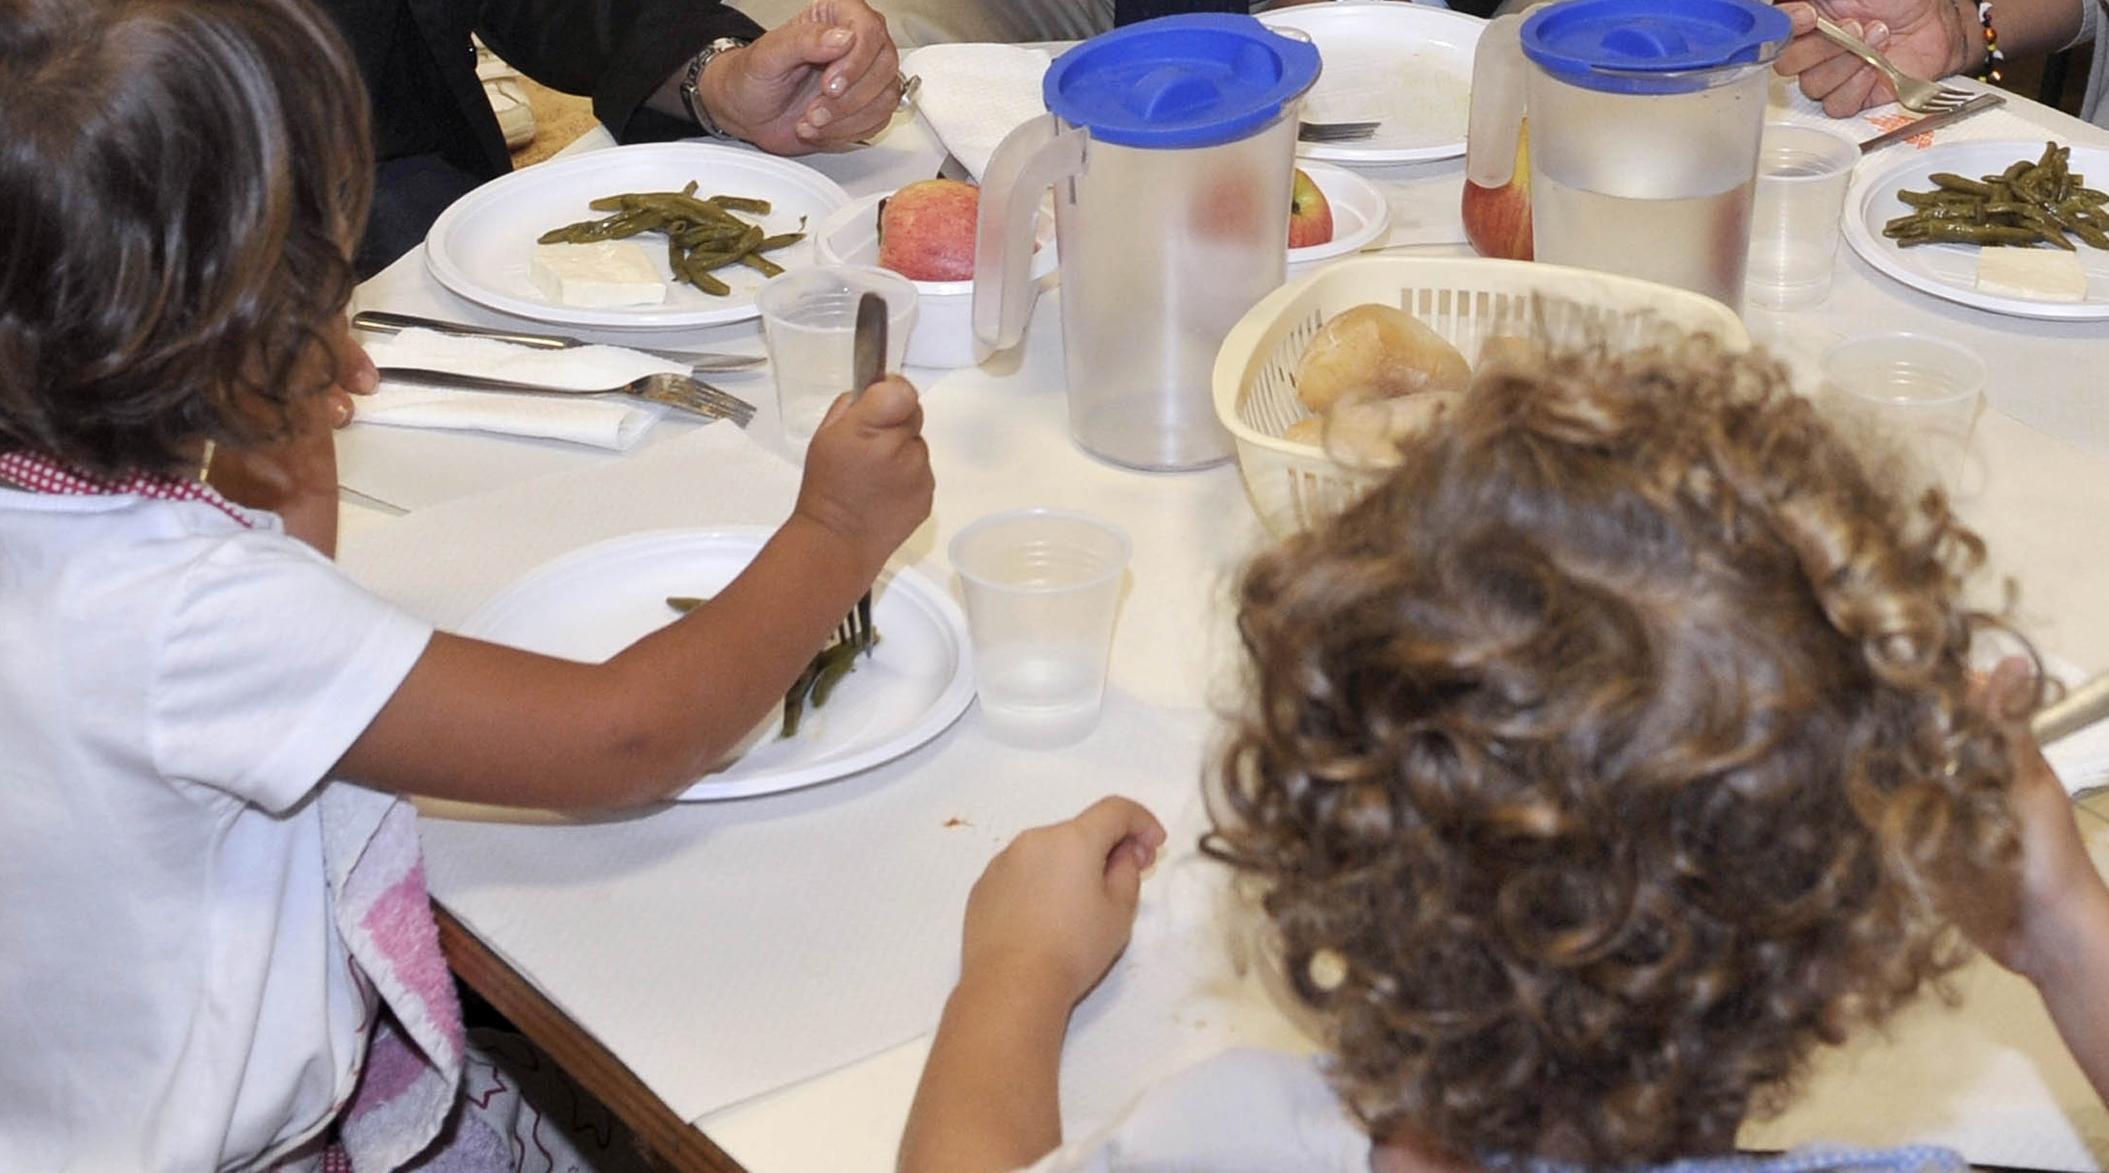 Escrementi di topo nel panino, allarme in una scuola elementare di Lodi